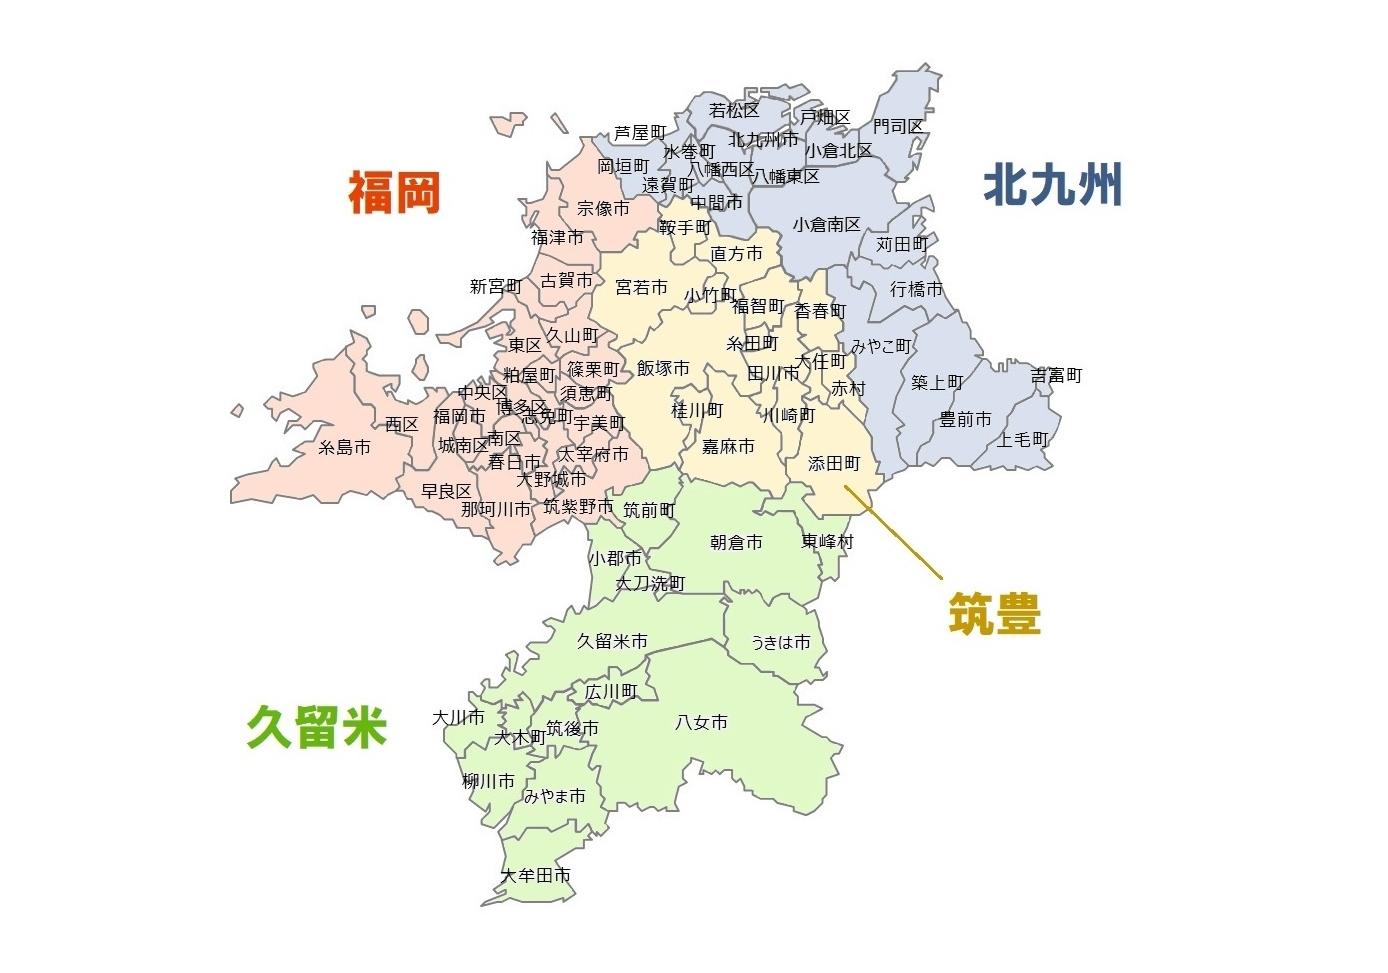 福岡県のナンバープレート地域表示名区分図